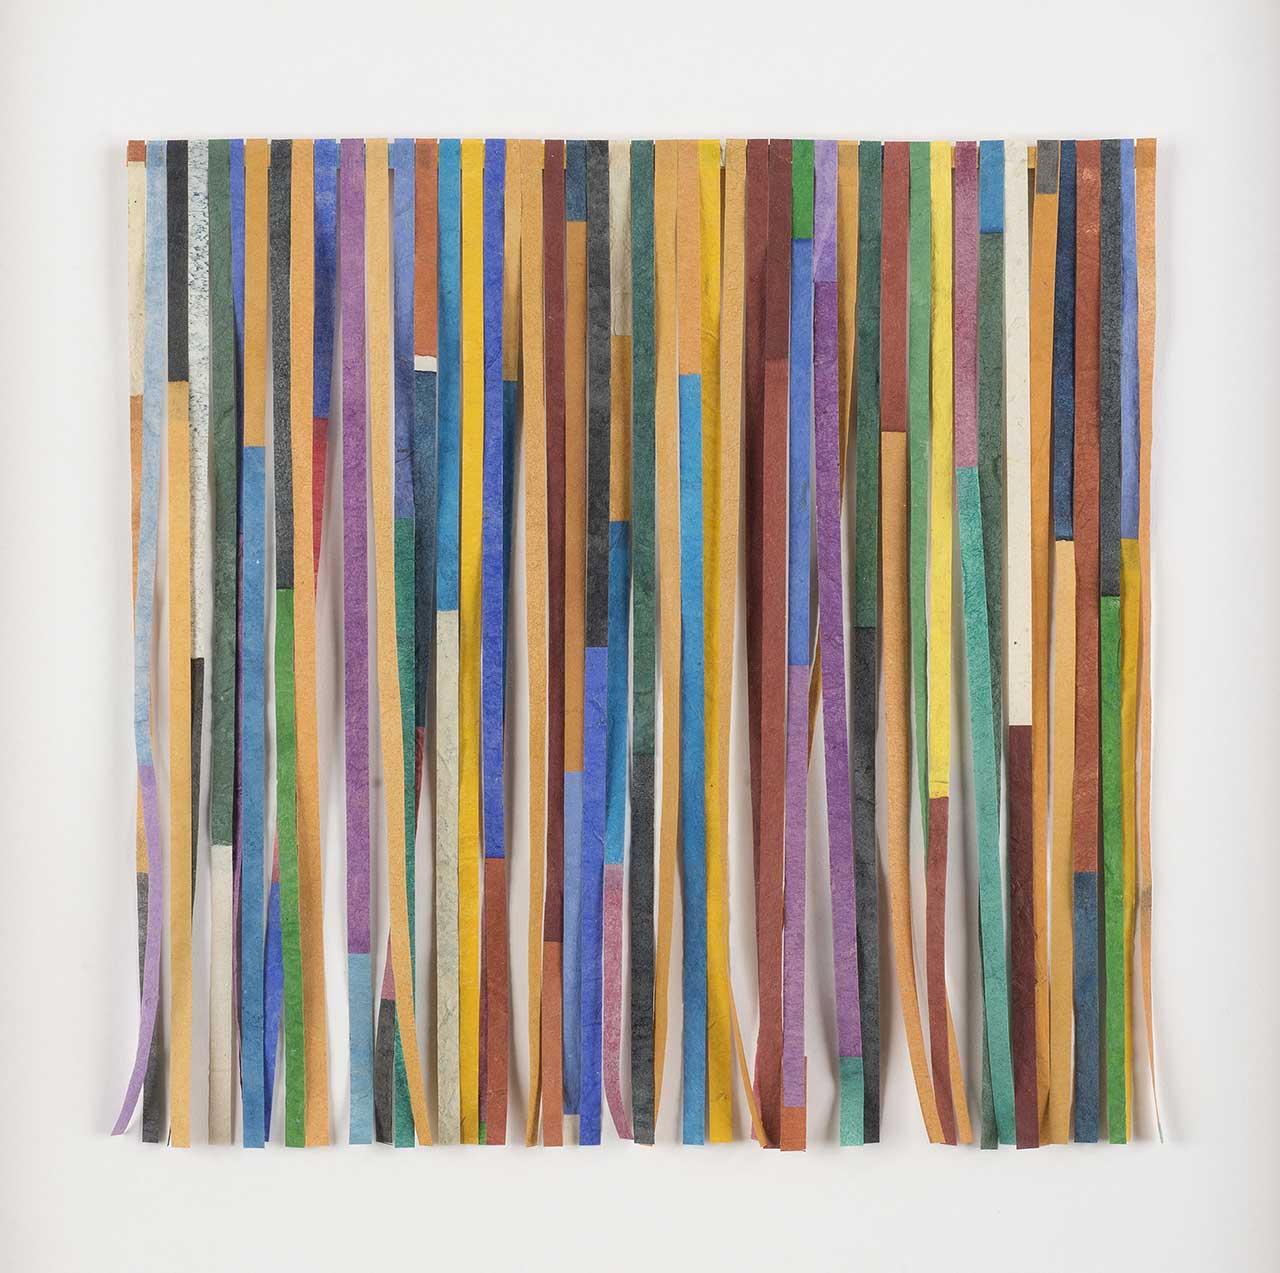 Χωρίς τίτλο (Φαντασμαγορία), 2010, χρωματισμένο κομμένο χαρτί, 24x24 εκ.